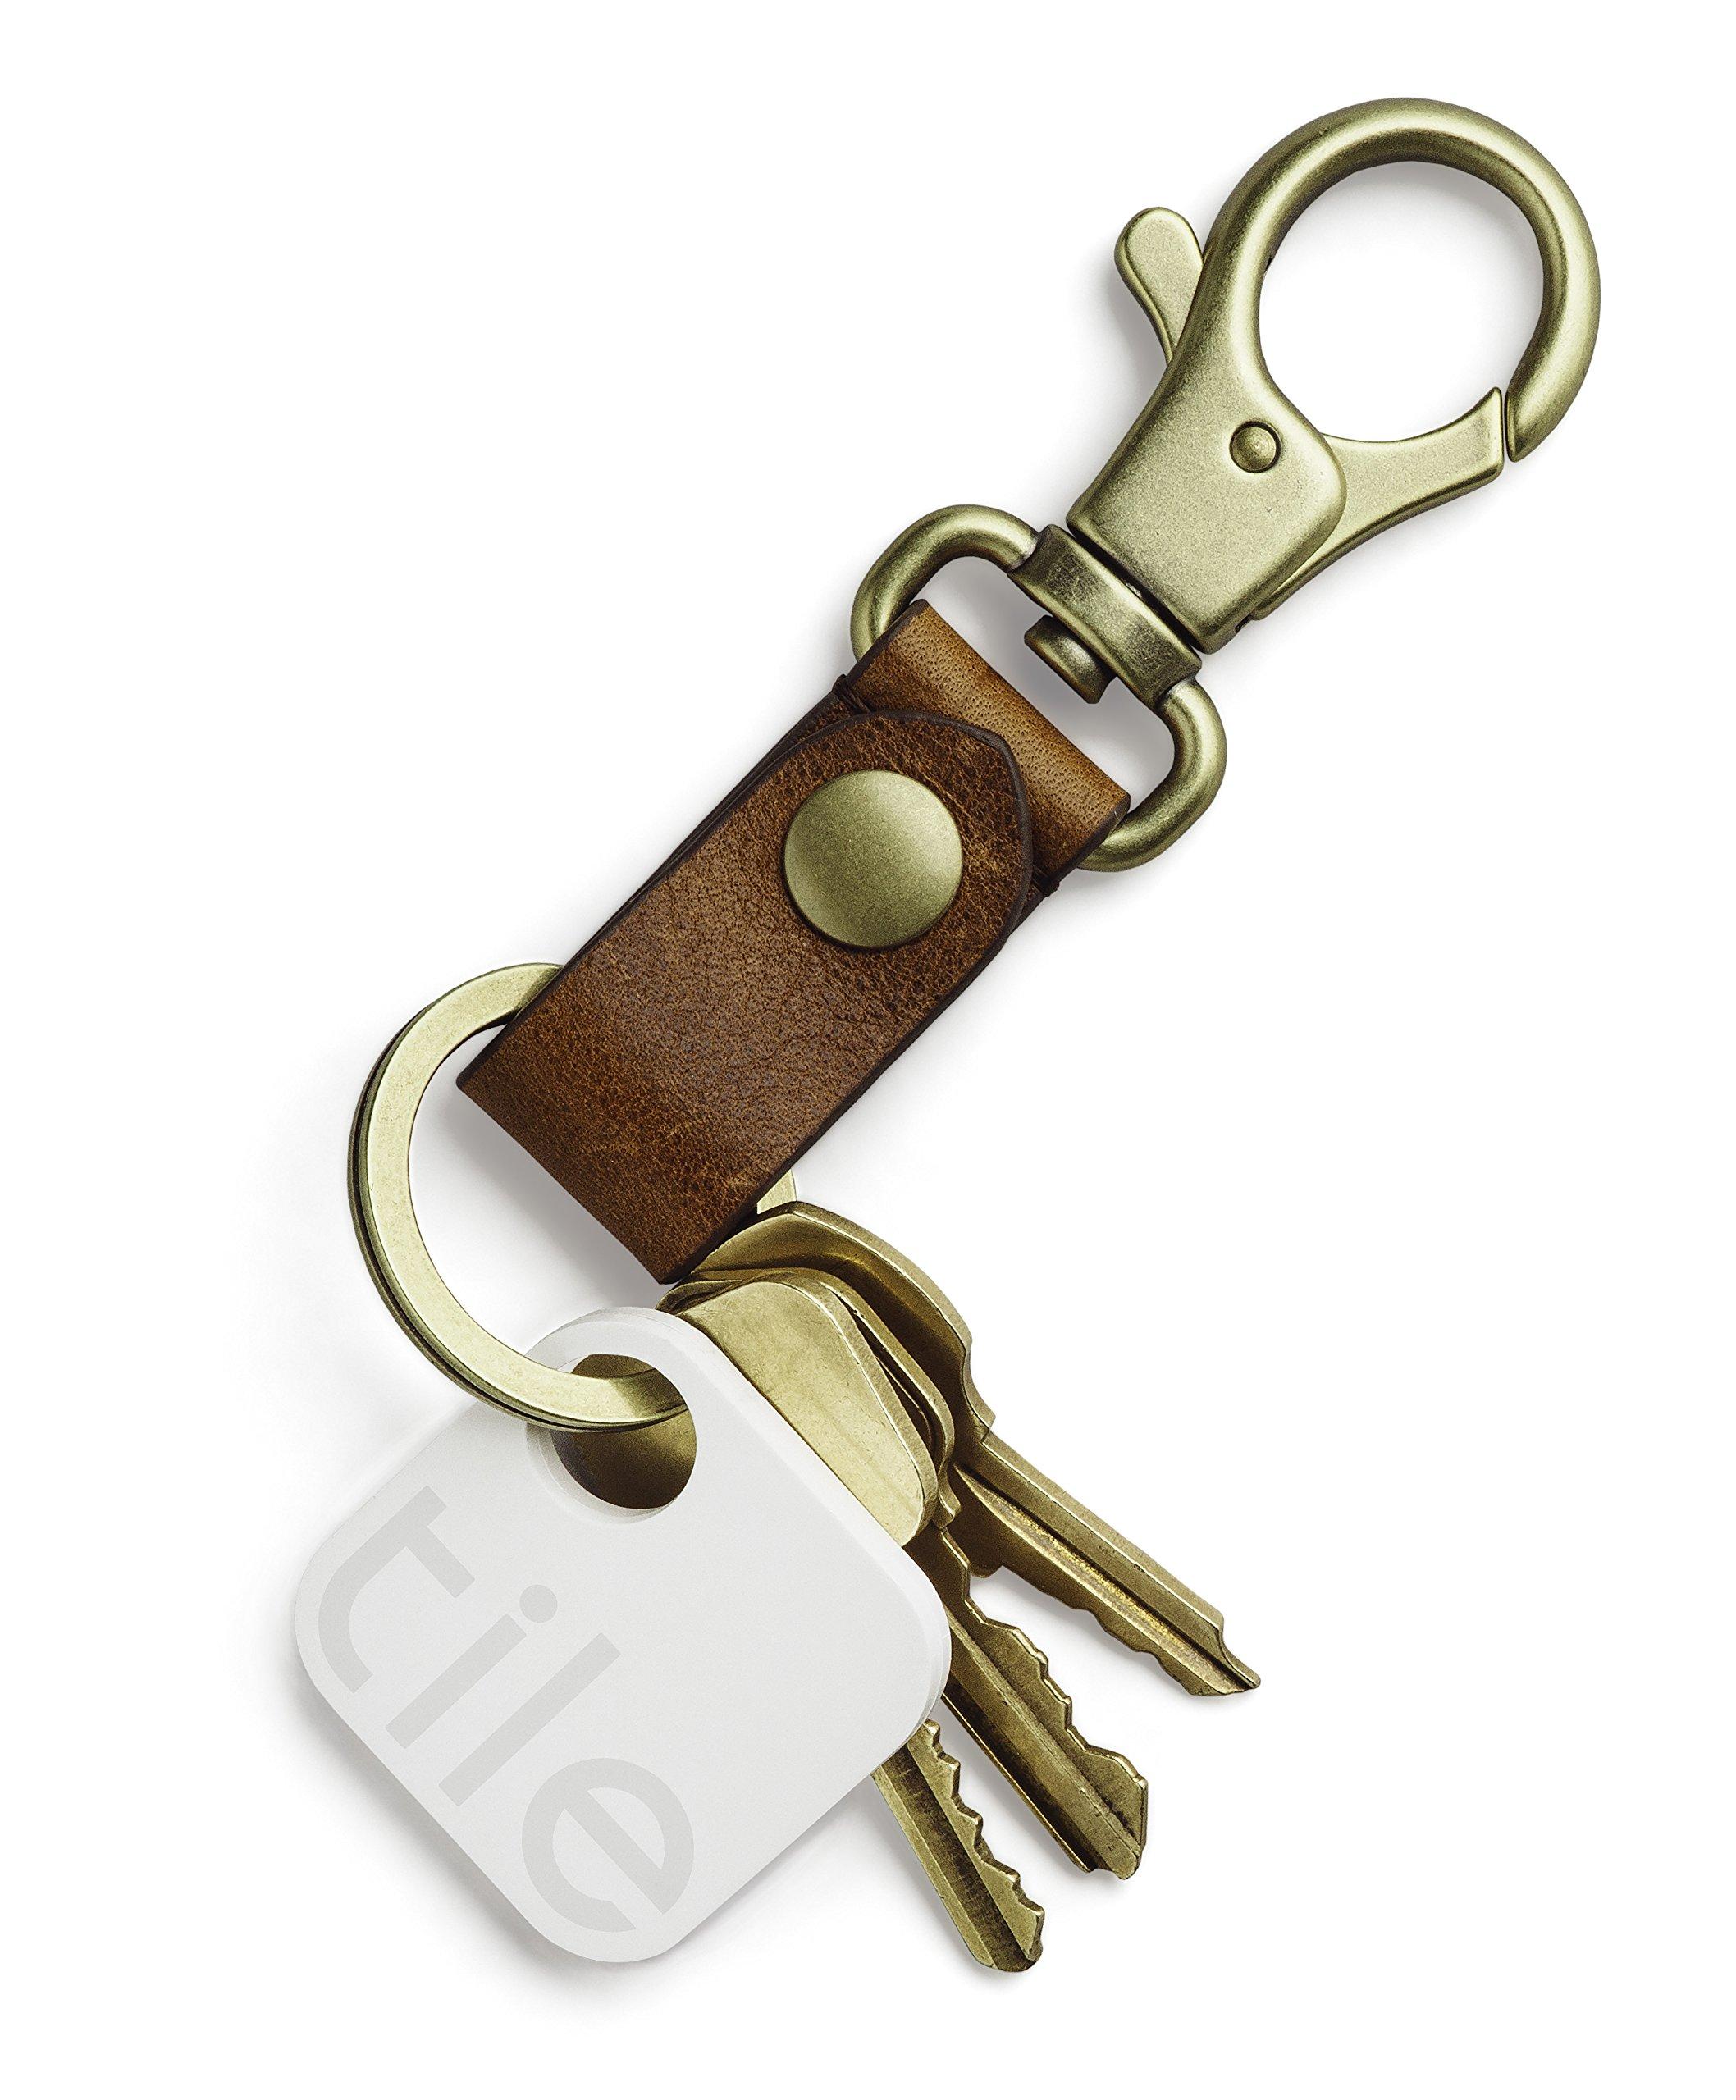 Tile (Gen 2) - Key Finder. Phone Finder. Anything Finder - 1 Pack (Discontinued by Manufacturer) by Tile (Image #4)